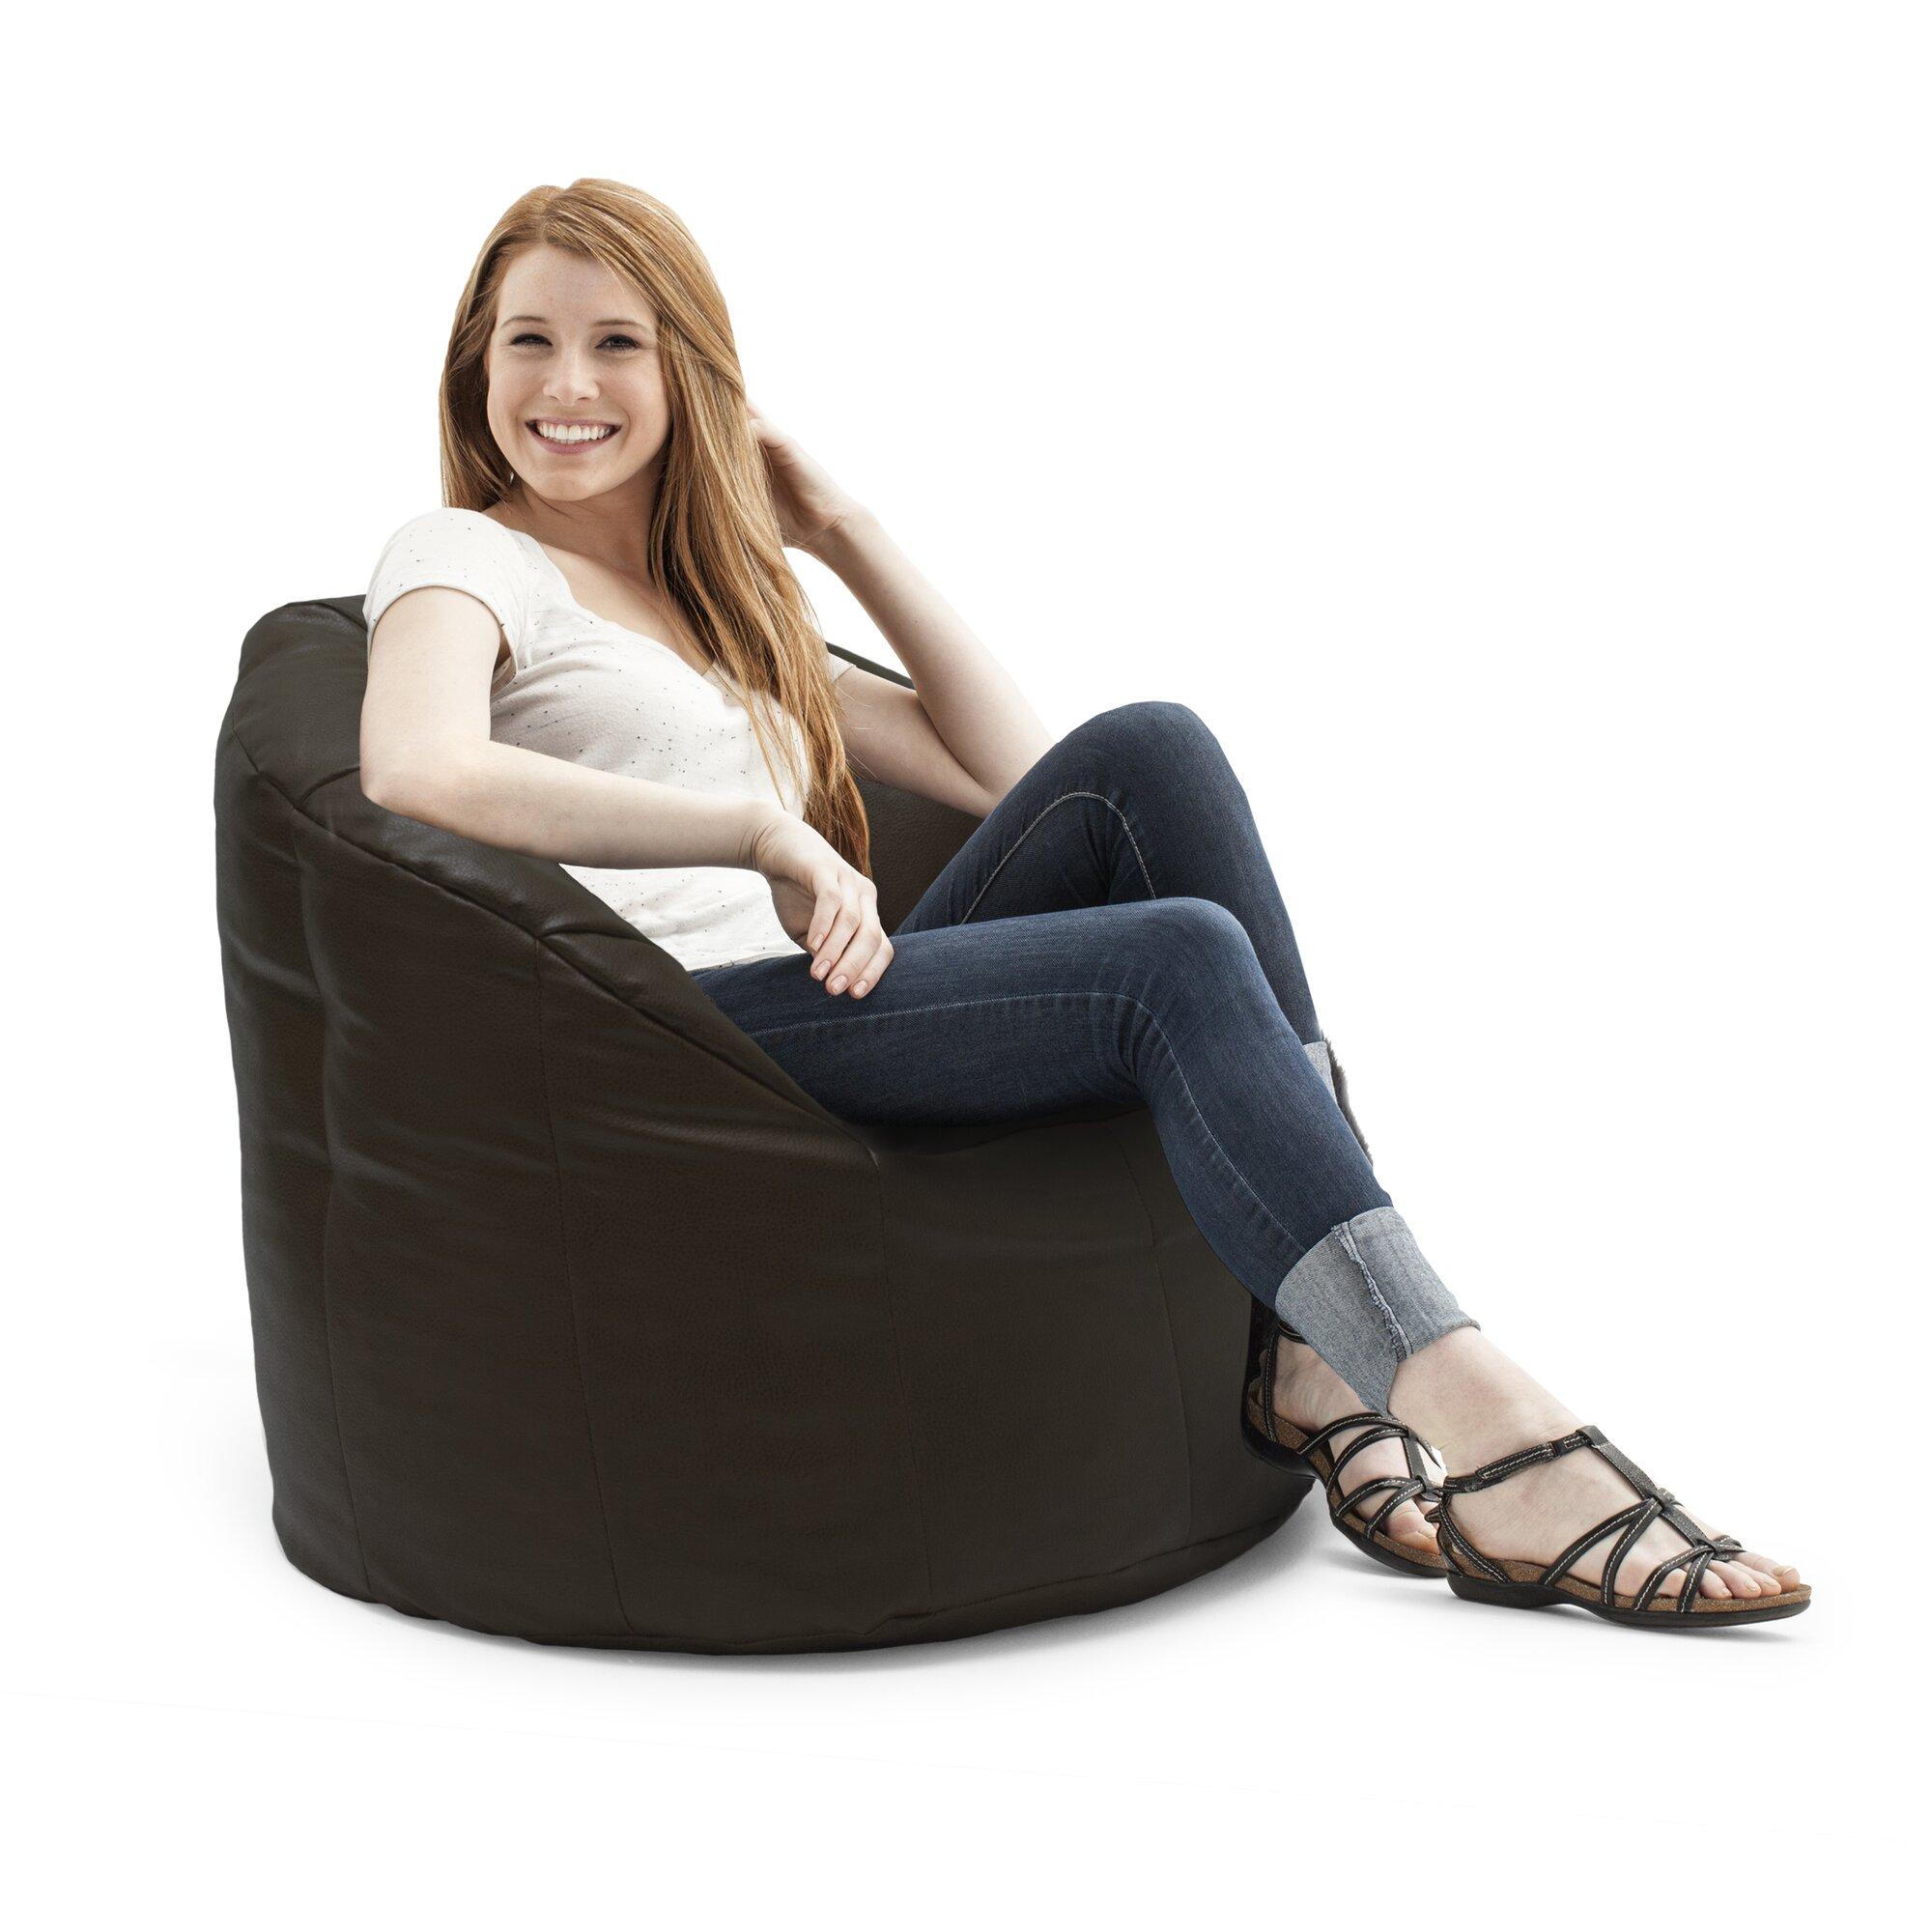 Big joe lumin chair - Big Joe Lumin Chair Multiple Colors Big Joe Milano Bean Bag Lounger